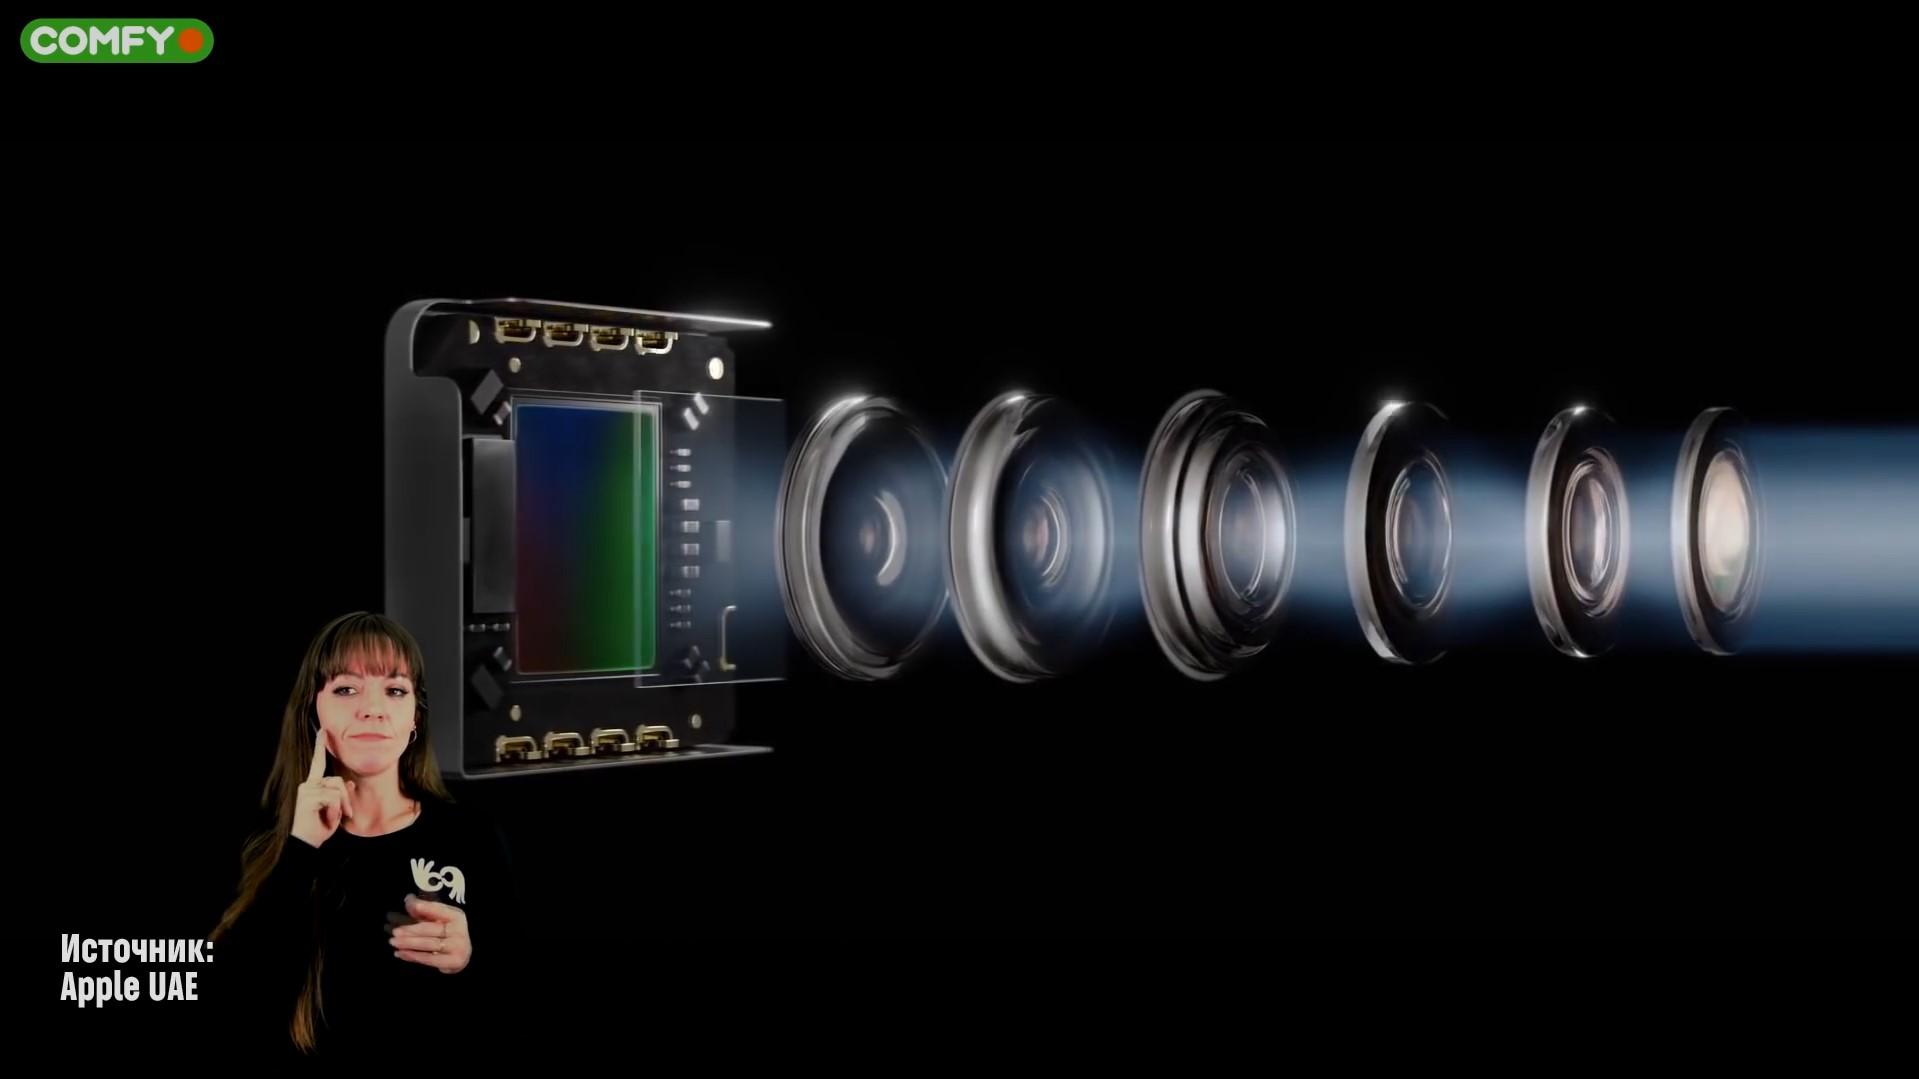 Смартфон изнутри Камера. Часть первая 4